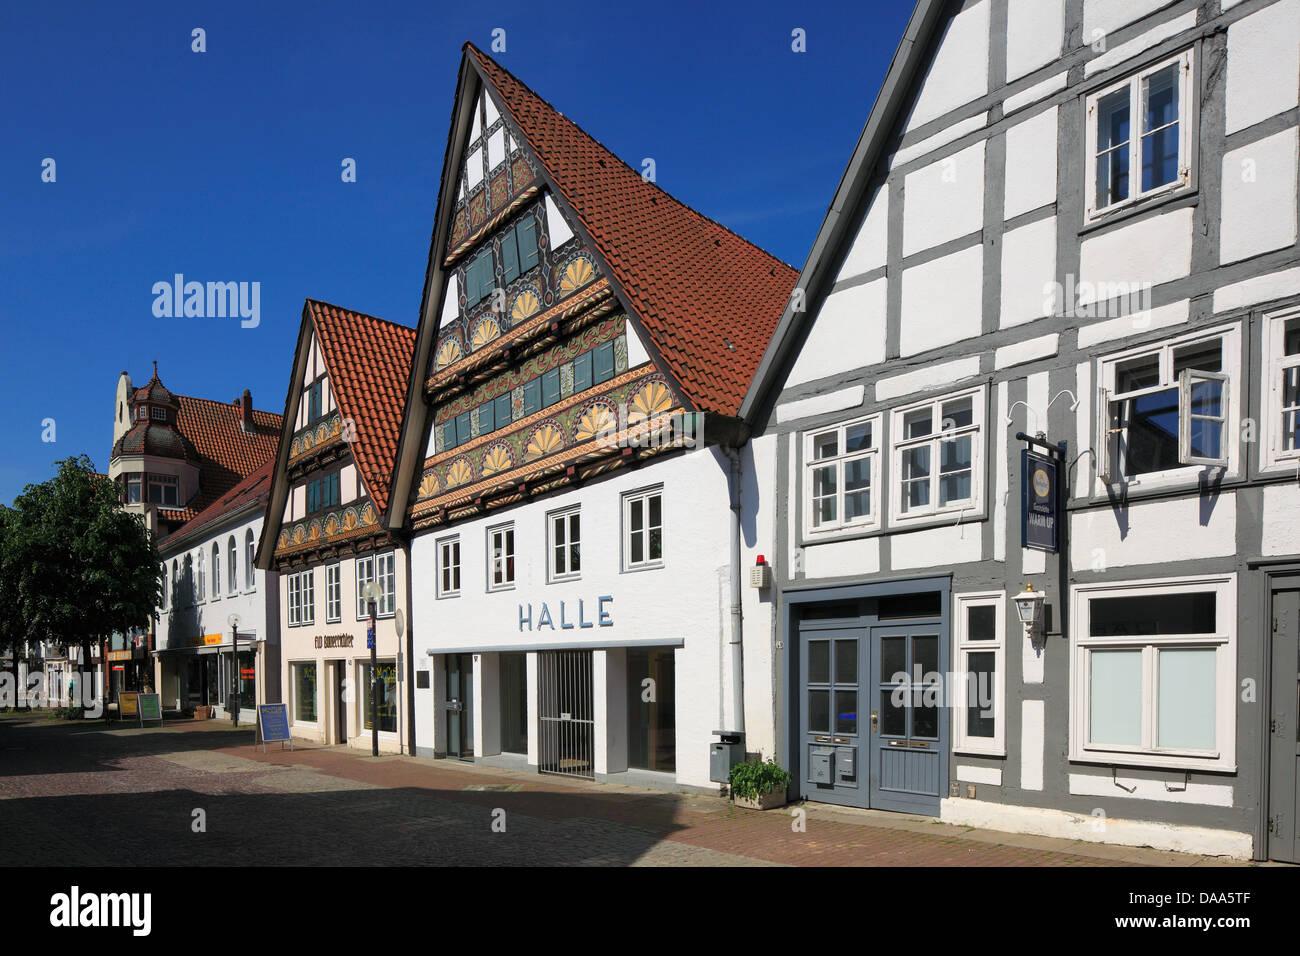 Fachwerkhaeuser und Steinhaeuser in der Kramerstrasse von Lemgo, Weserbergland, Nordrhein-Westfalen - Stock Image